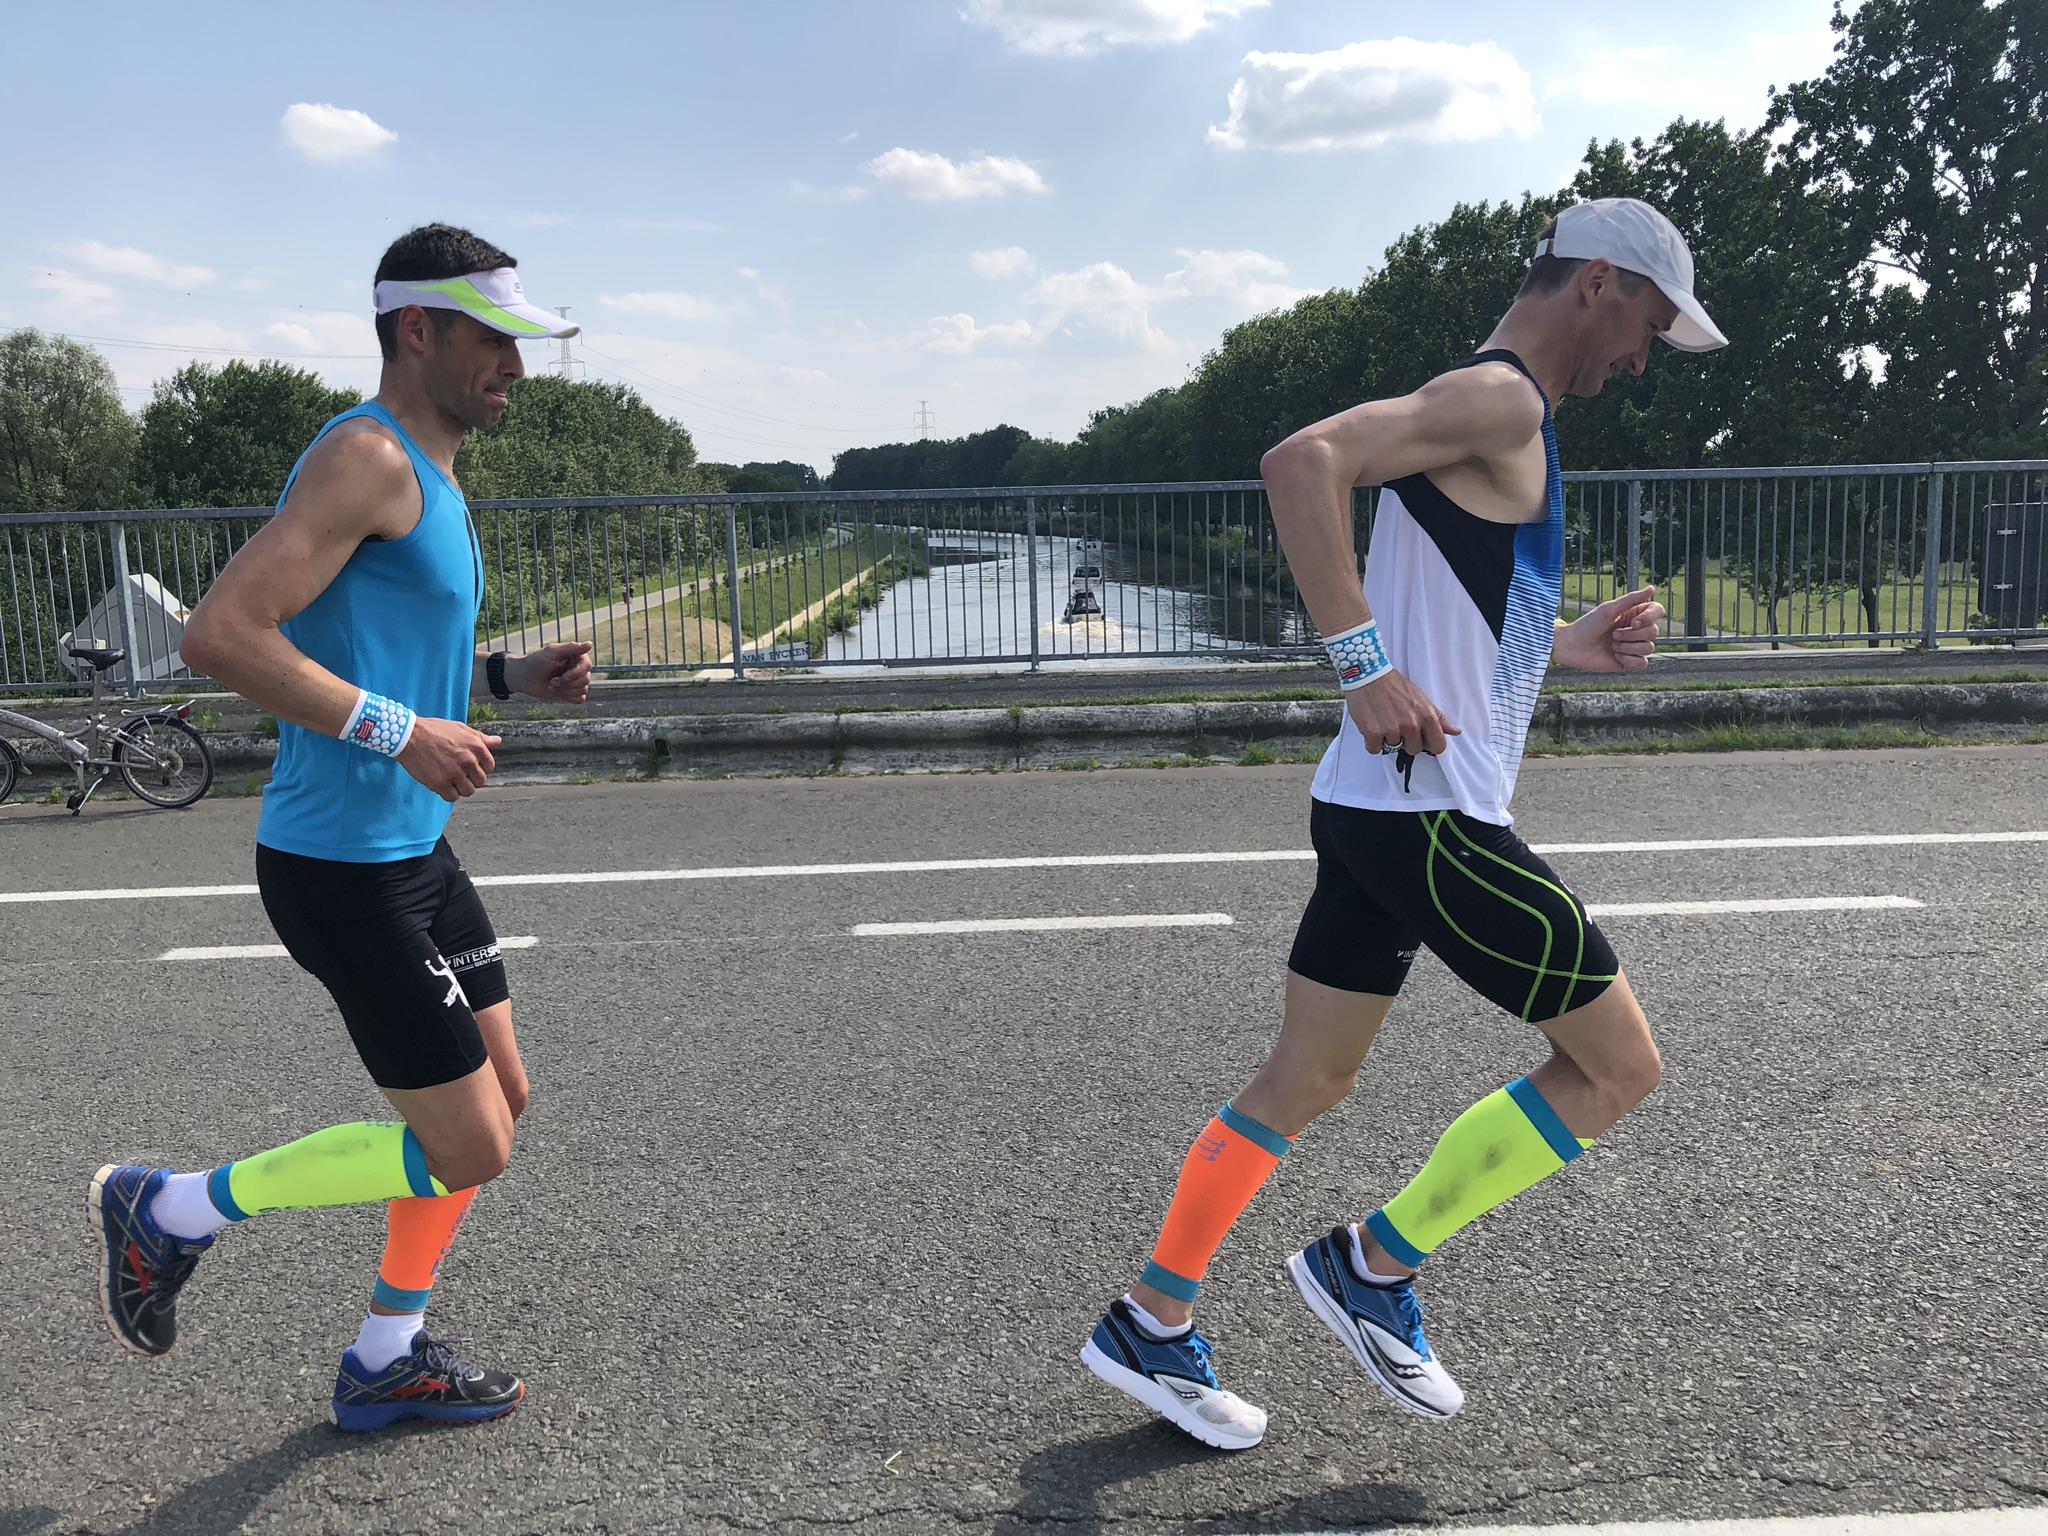 Wat je ontdekt met Learn to run - Hoe je moet opwarmen.Wat je moet doen om blessurevrij te blijven.Juist leren lopen, schaven aan je looptechniek.Hoe en waarom je moet opwarmen.Welke snelheid je moet aanhouden.Hoe je luistert naar je lichaam.